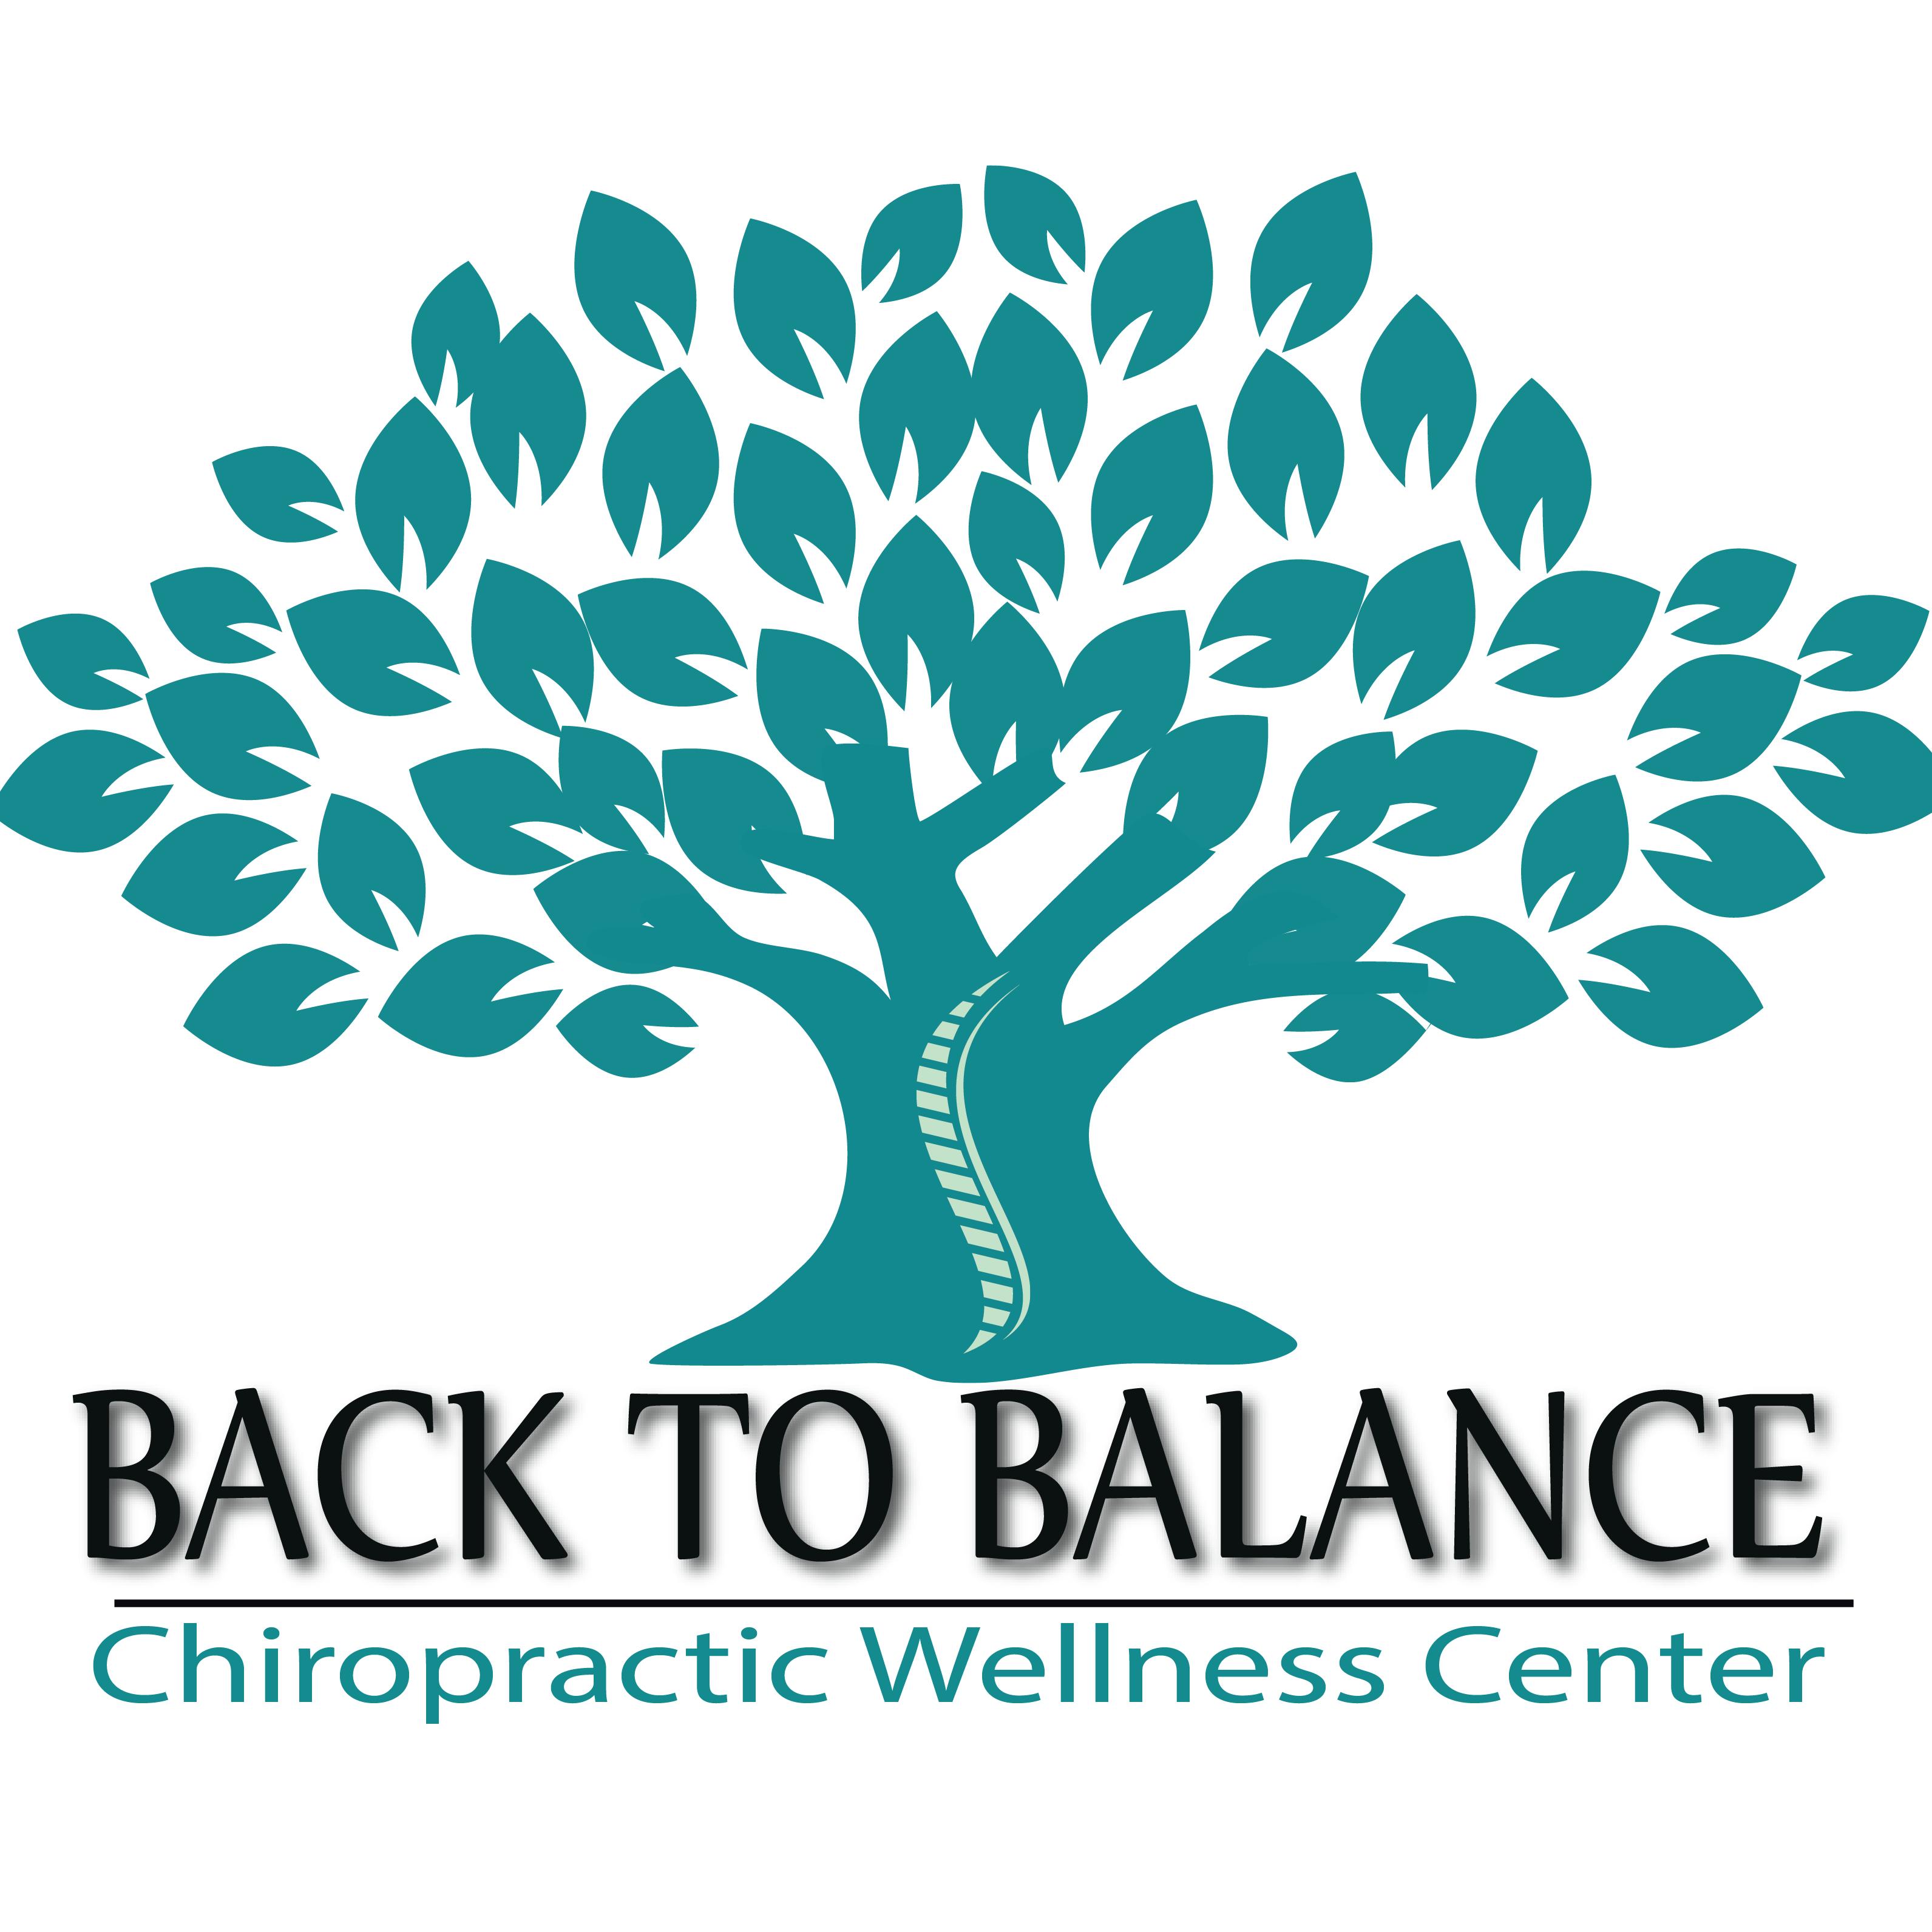 Back to Balance Wellness Center of Alpharetta